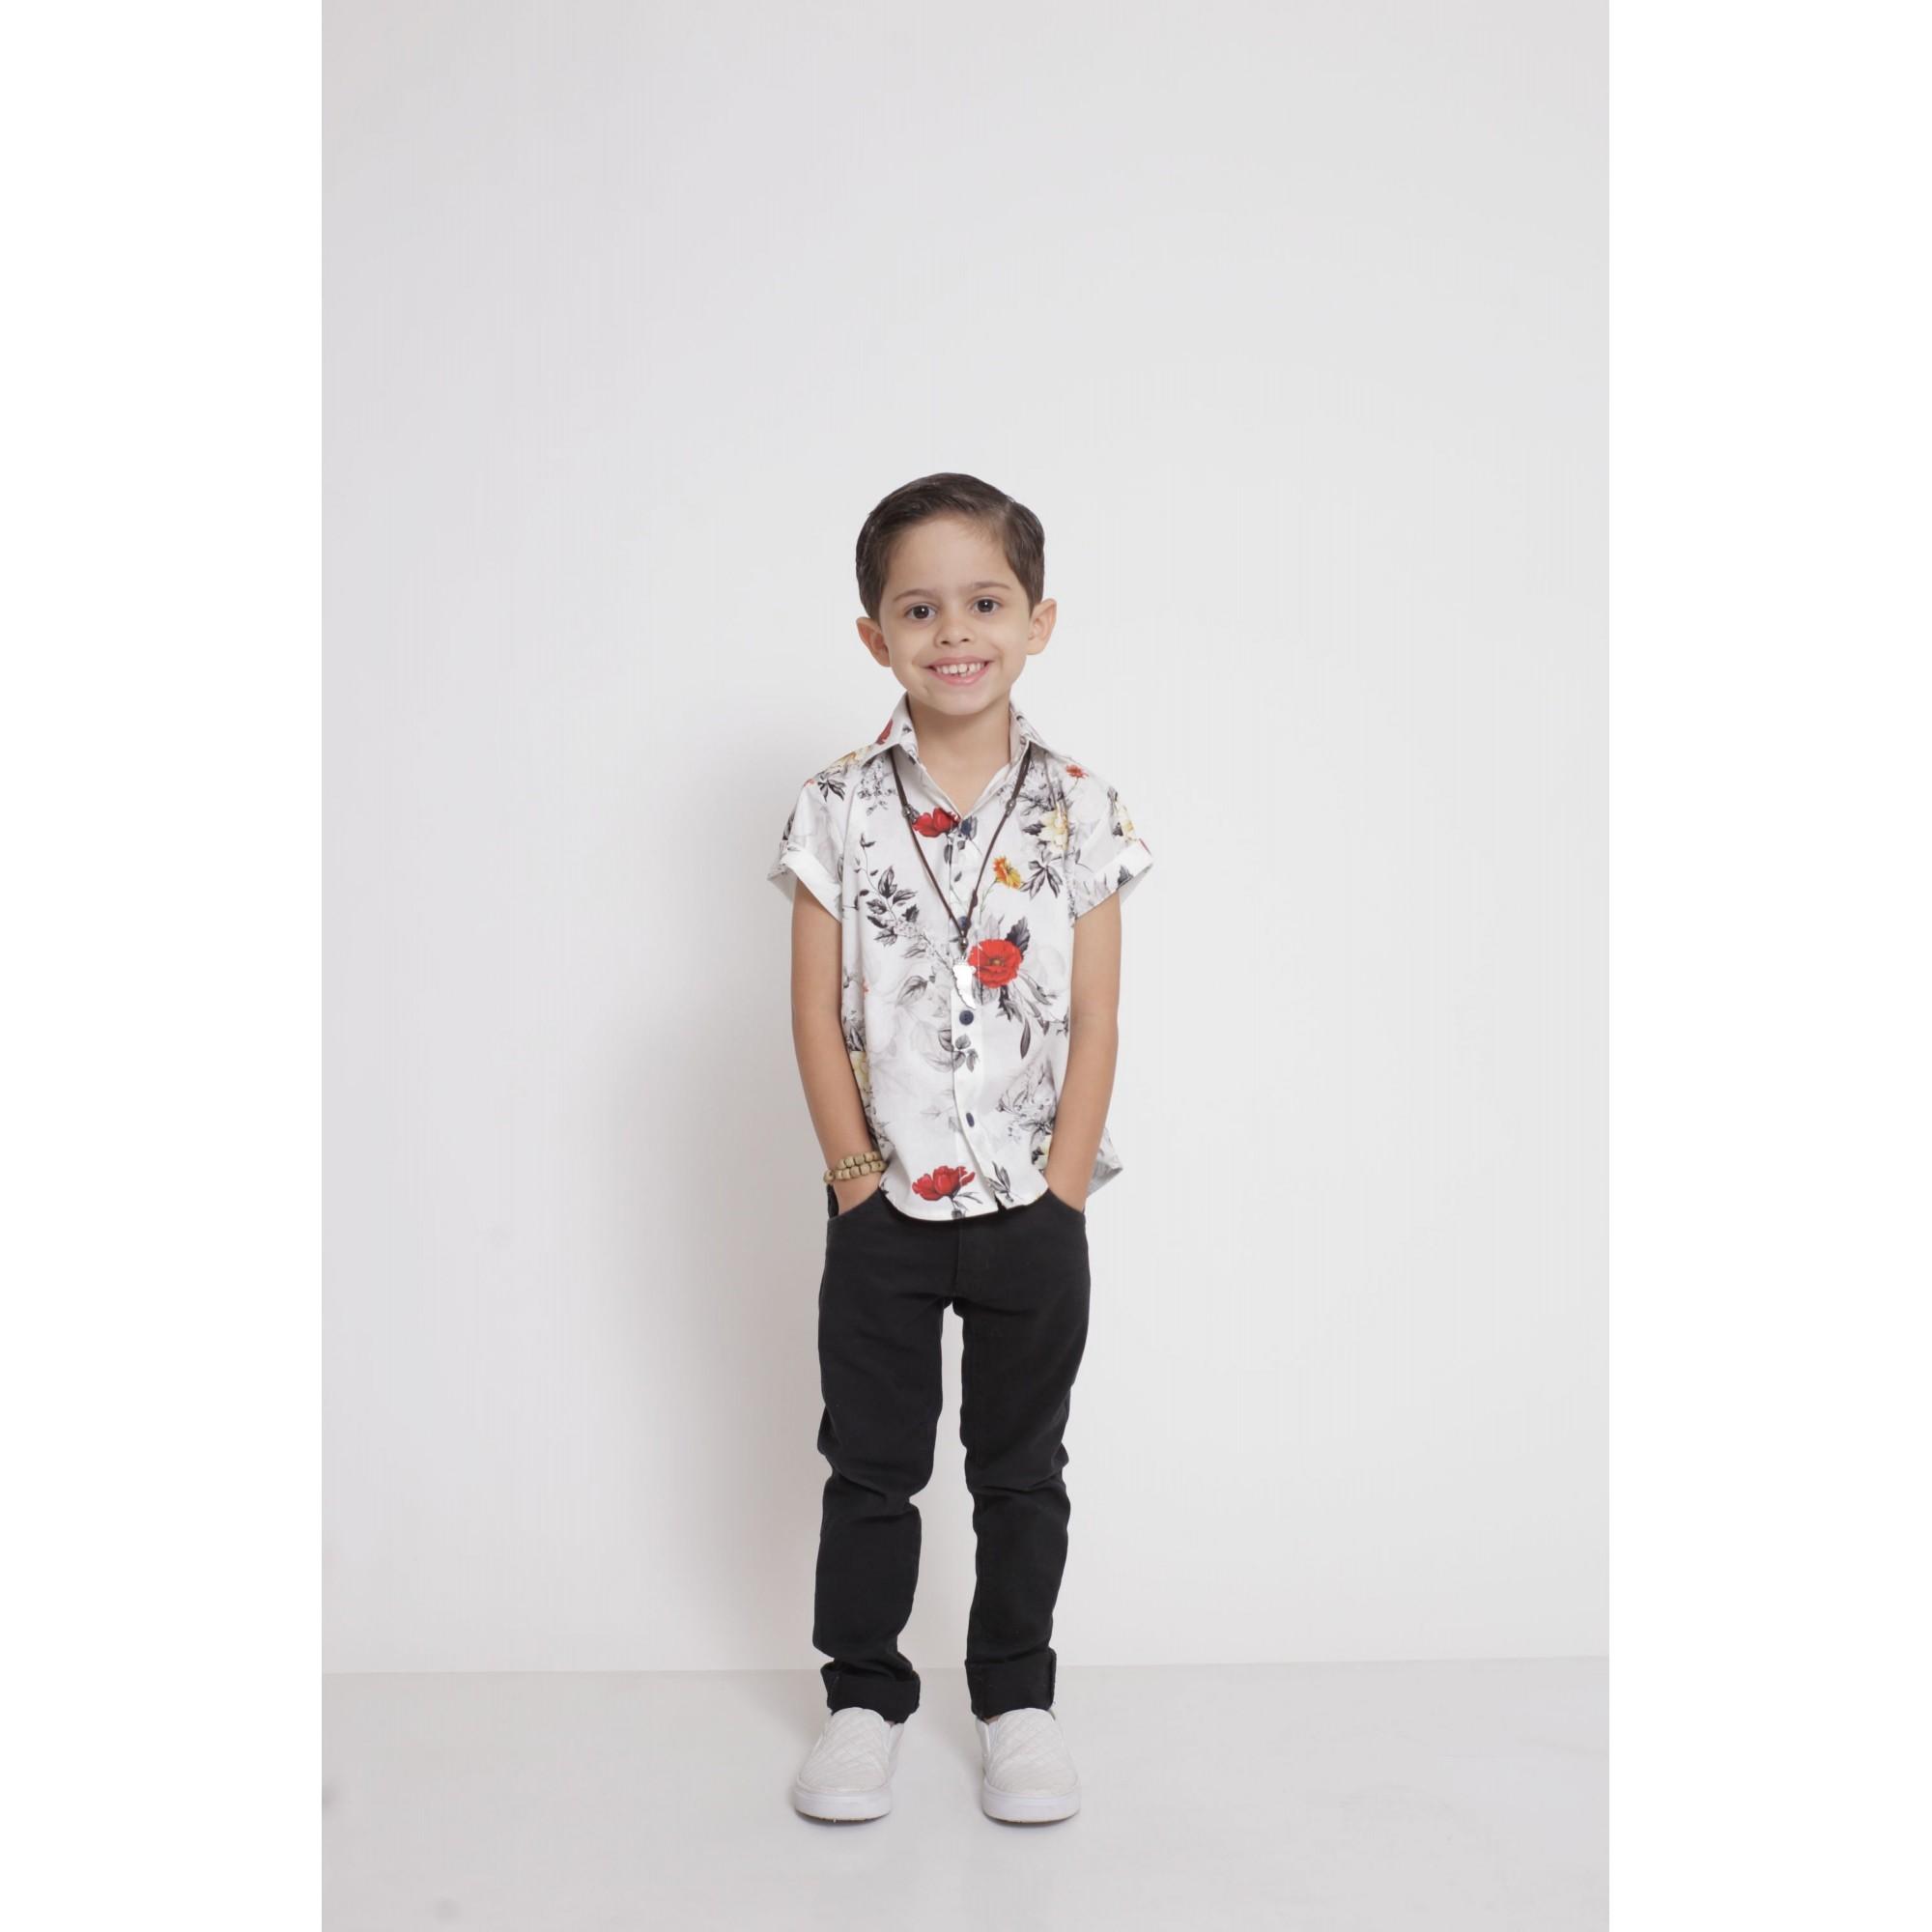 PAIS E FILHOS > Kit 3 peças Camisas Social Branca Floral [Coleção Família]  - Heitor Fashion Brazil